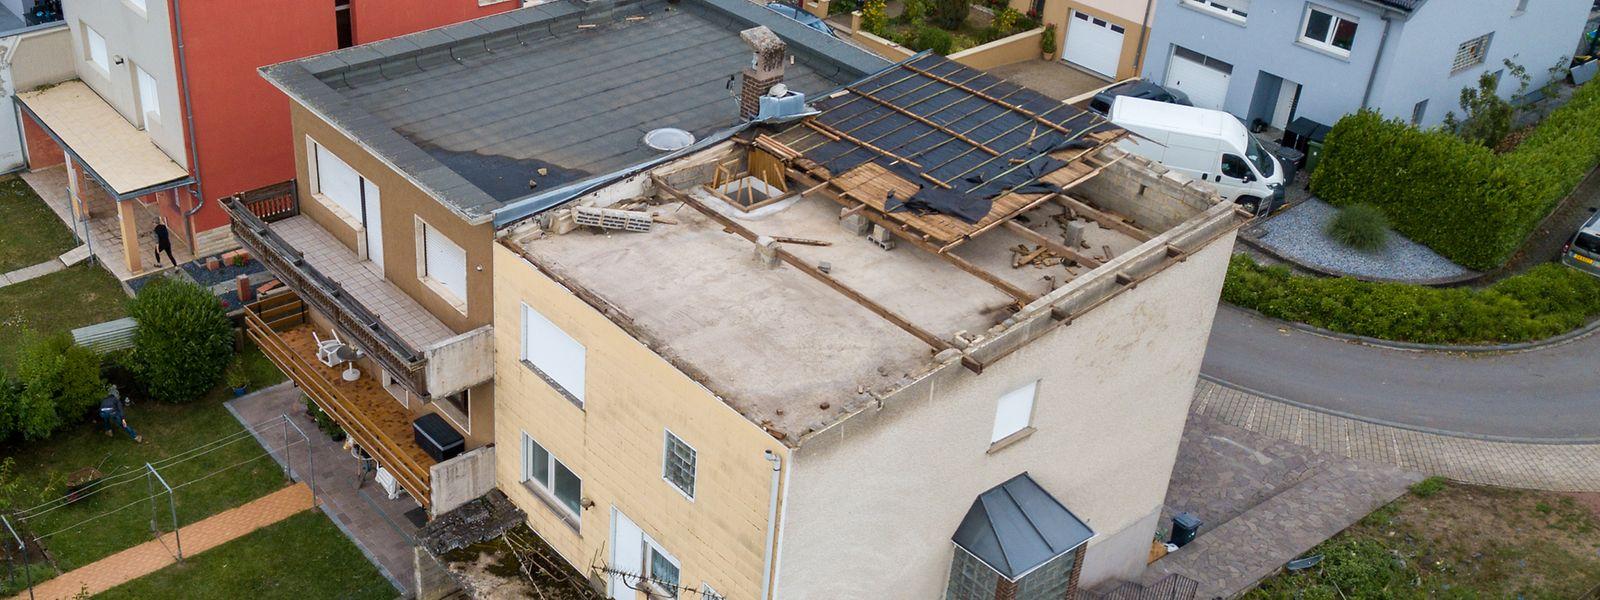 La tornade du 9 août 2019 a fait plus de 100 millions d'euros de dégâts.